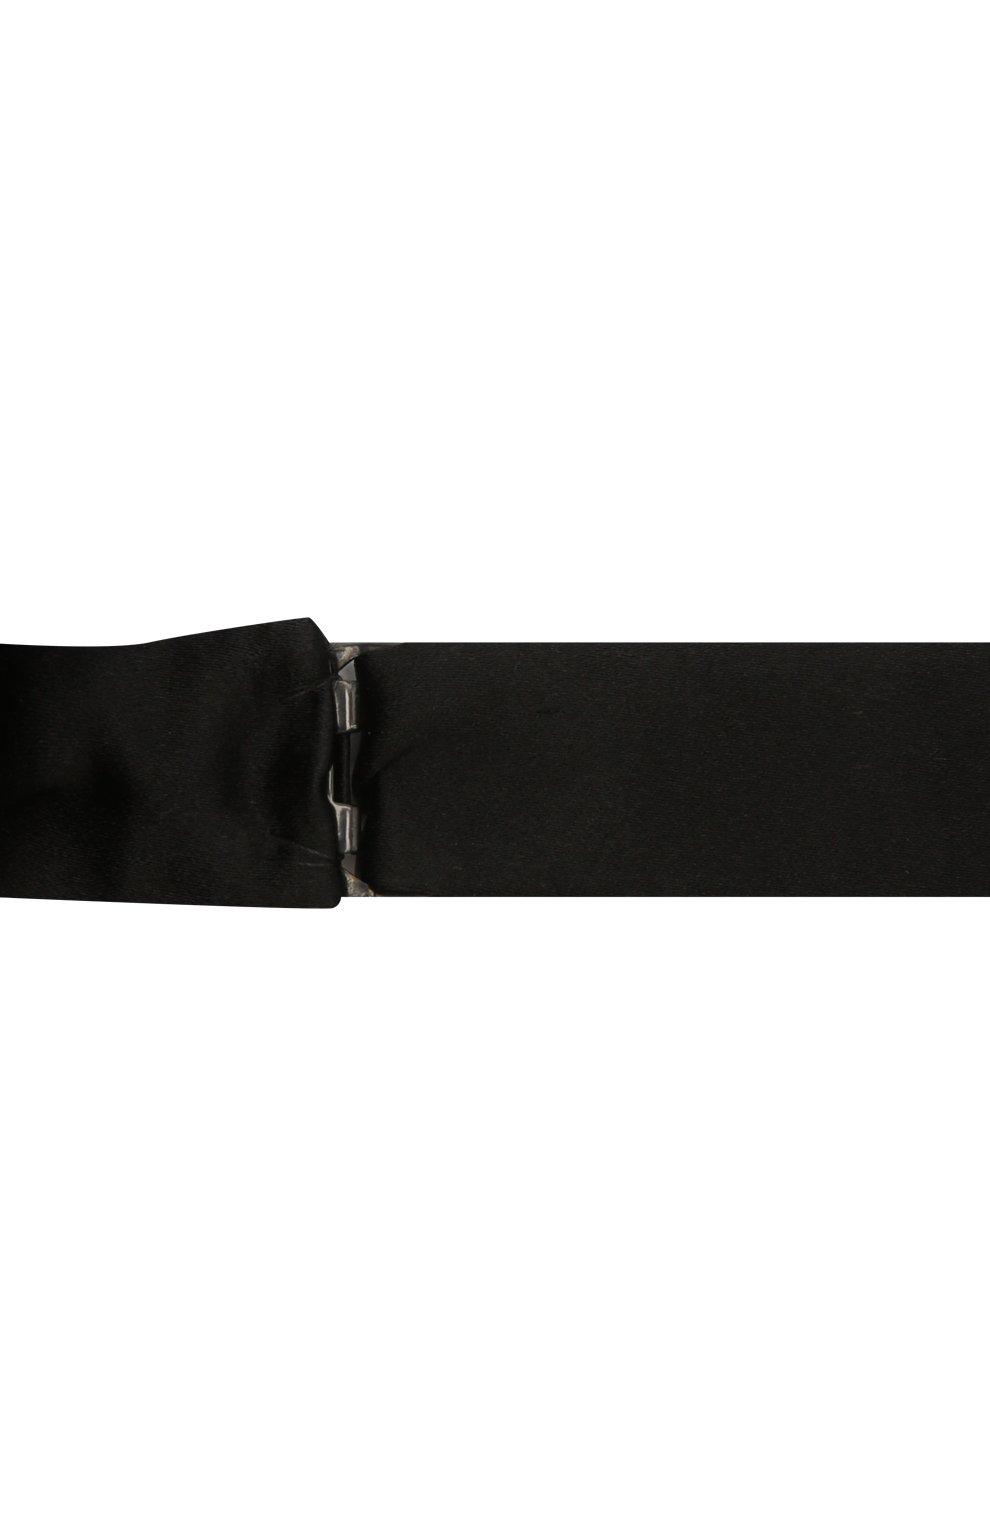 Мужской шелковый галстук-бабочка LANVIN черного цвета, арт. 1282/B0W TIE   Фото 3